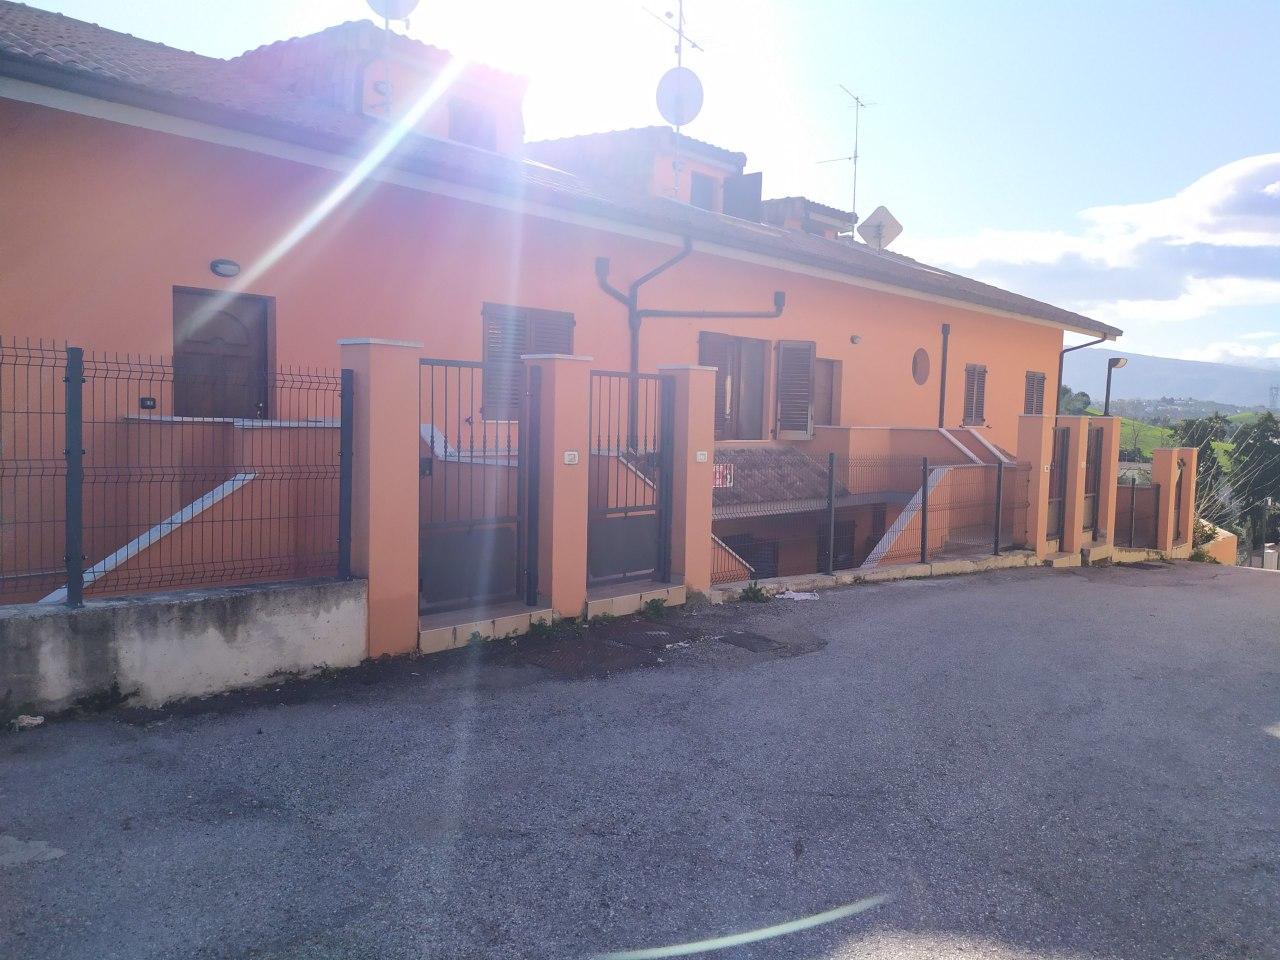 Appartamento in vendita a Bucchianico, 4 locali, prezzo € 110.000 | PortaleAgenzieImmobiliari.it